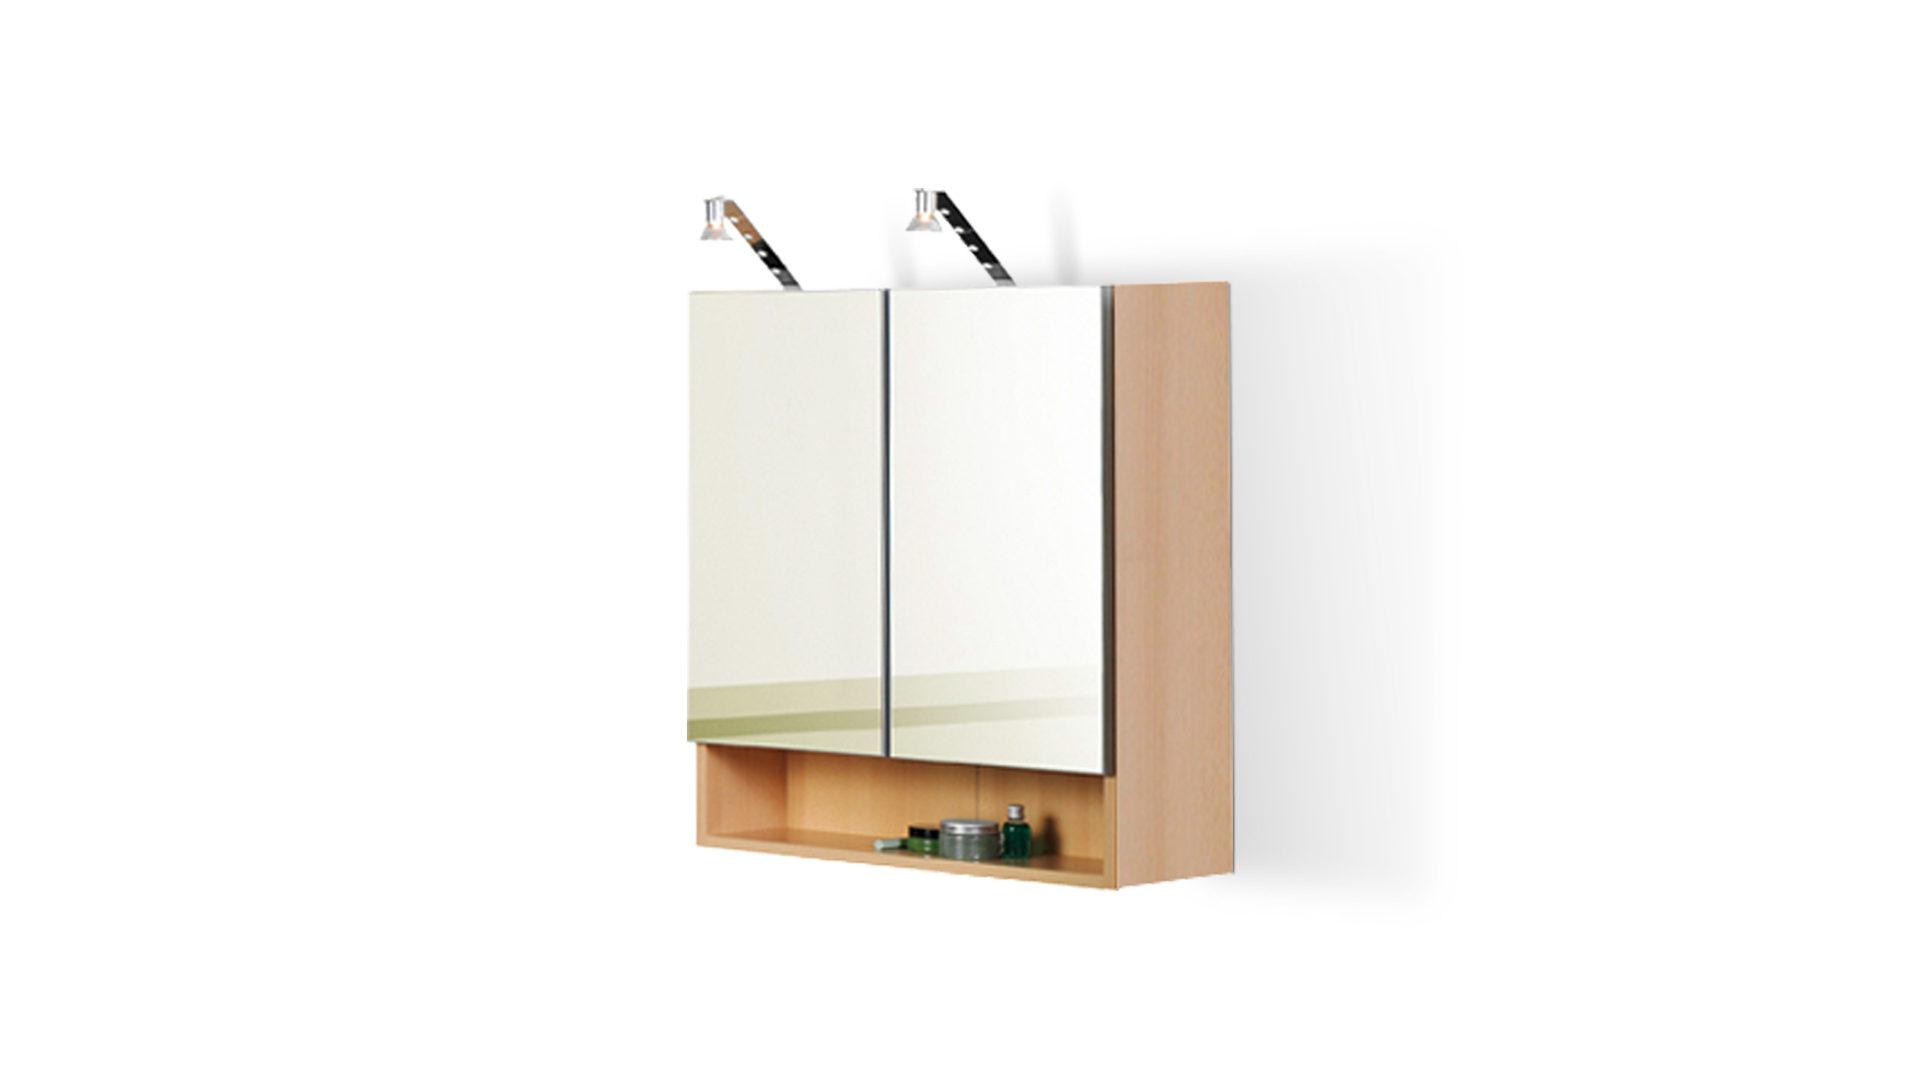 BBM Parchim, Räume, Badezimmer, Lampen + Leuchten ...